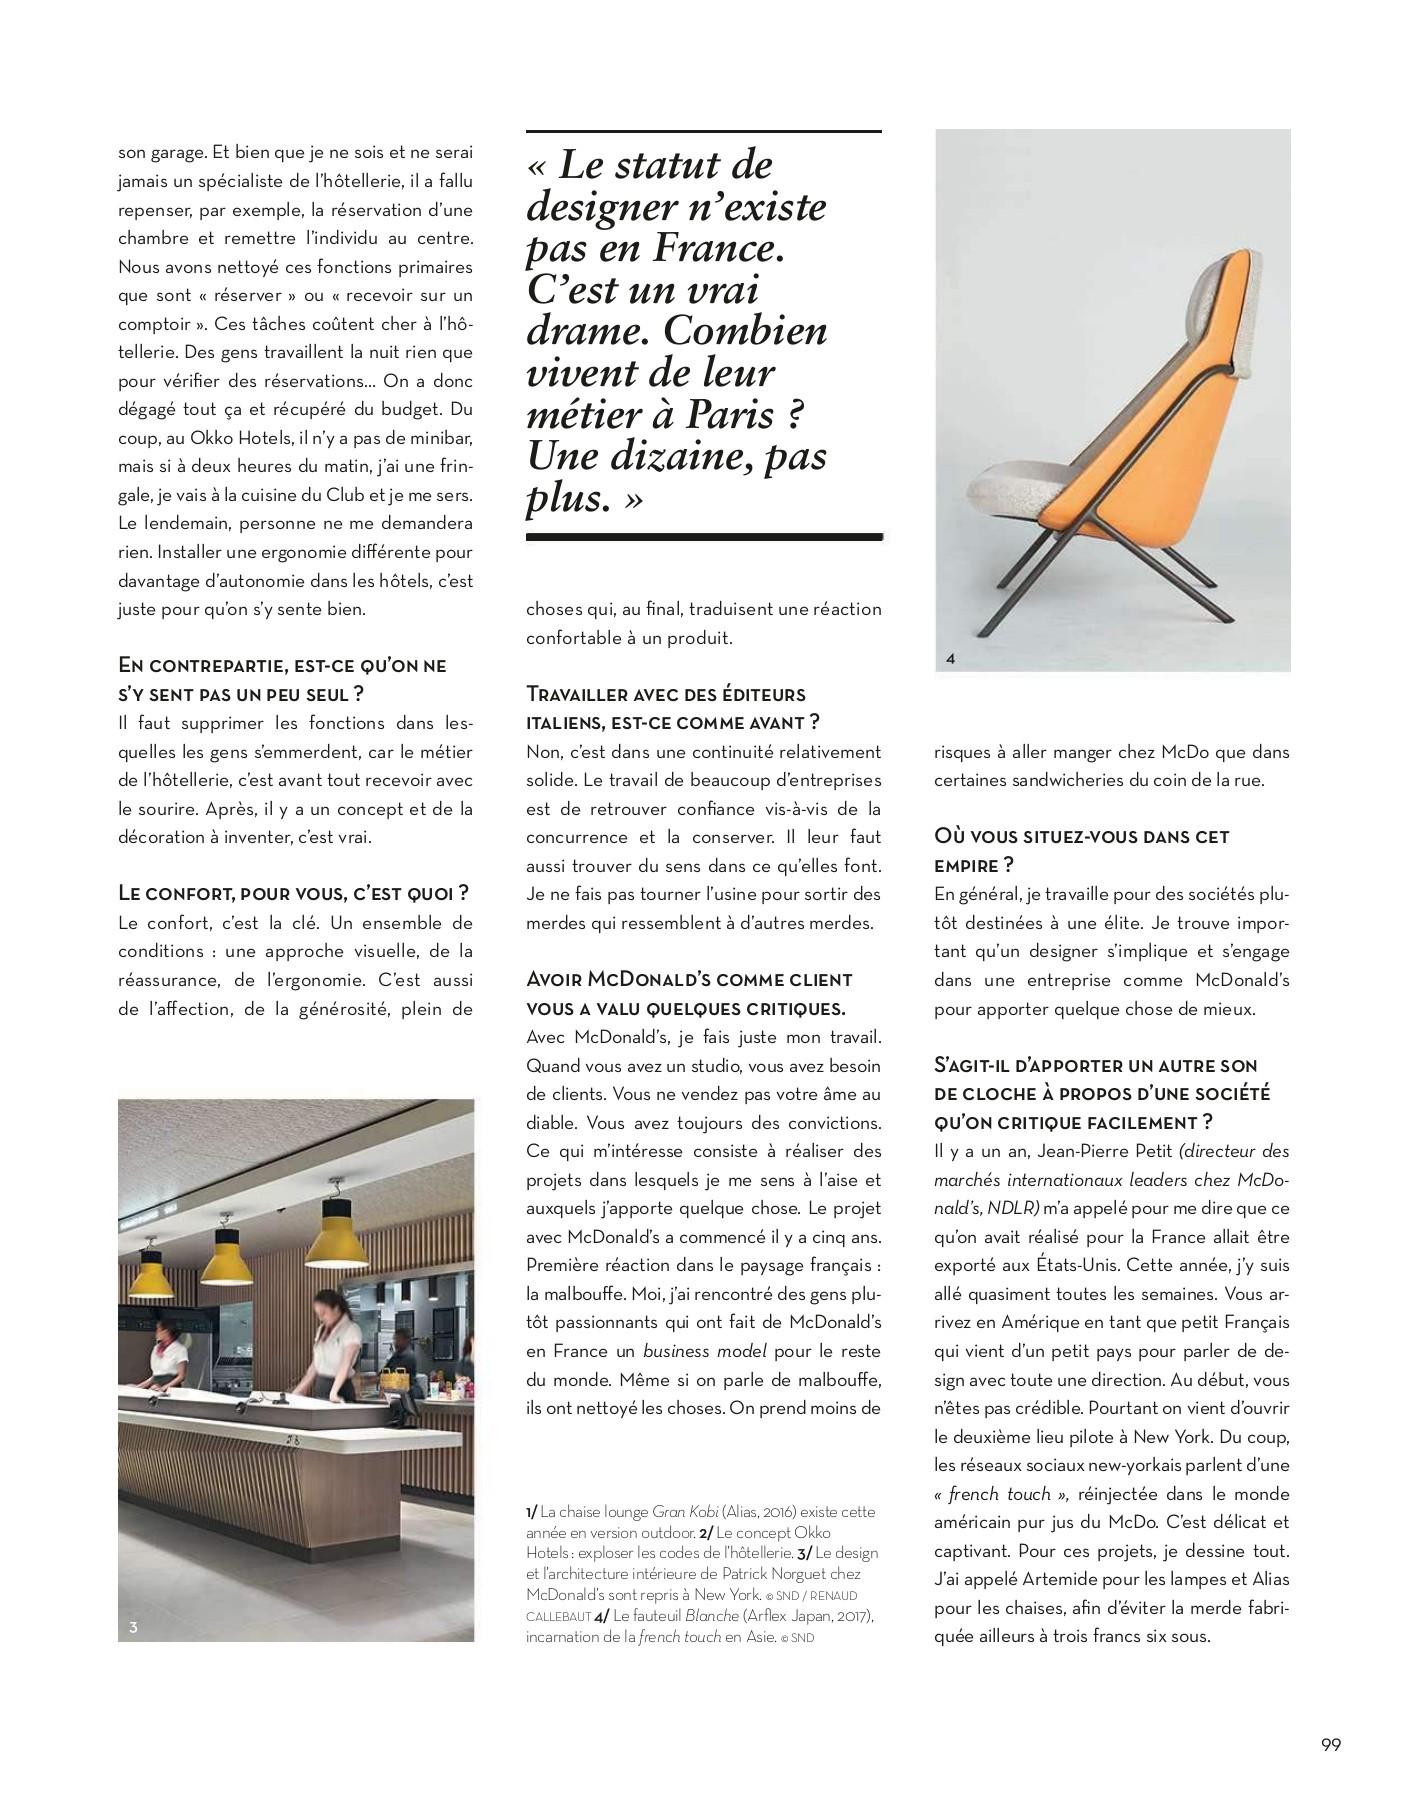 Le Comptoir 126 Lille ideat france__septembre-octobre_2017-flip book pages 101-150